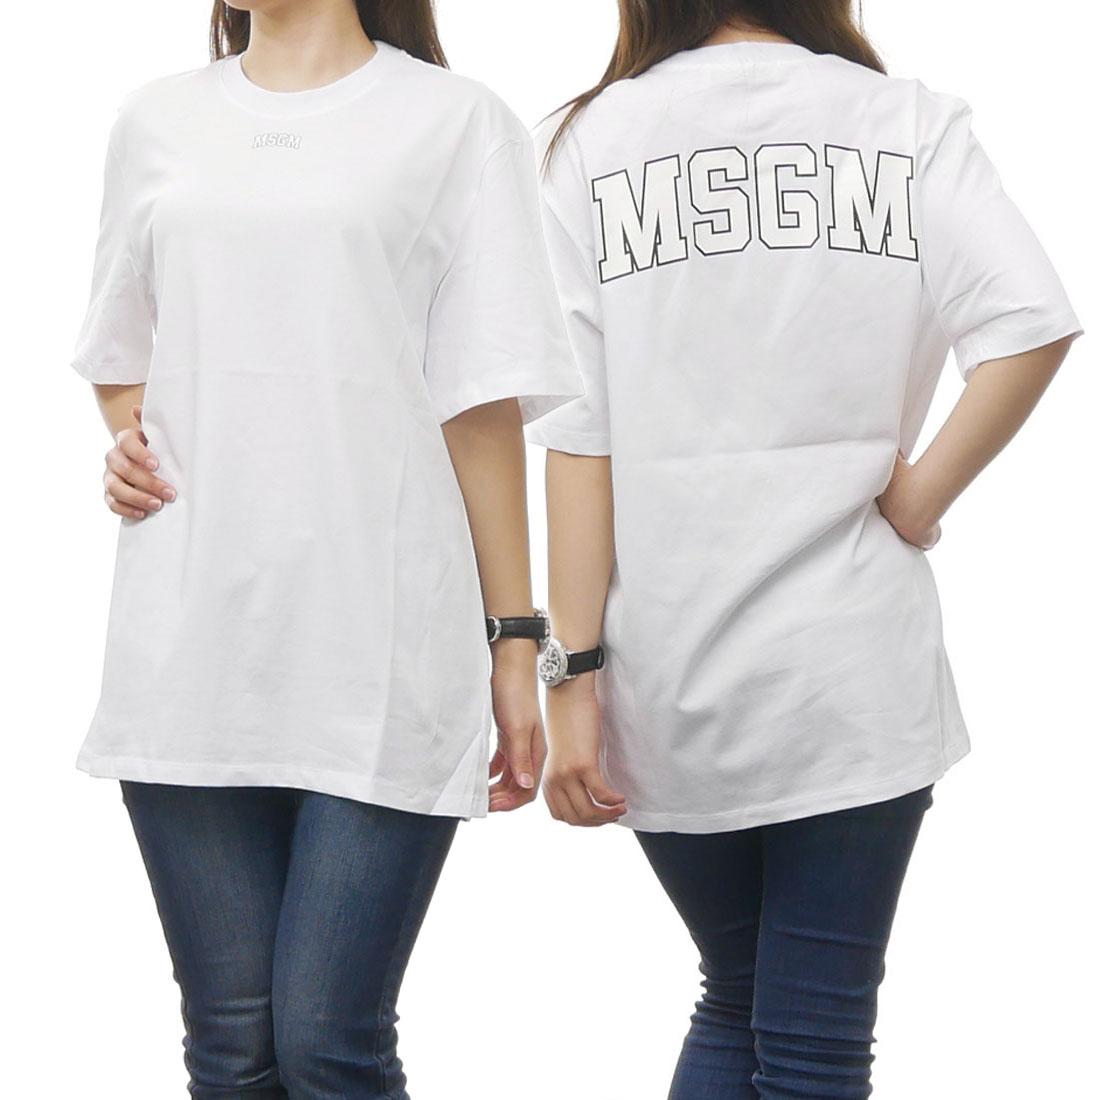 MSGM エムエスジーエム レディースクルーネックTシャツ 2441MDM160 184299 ホワイト【あす楽対応】